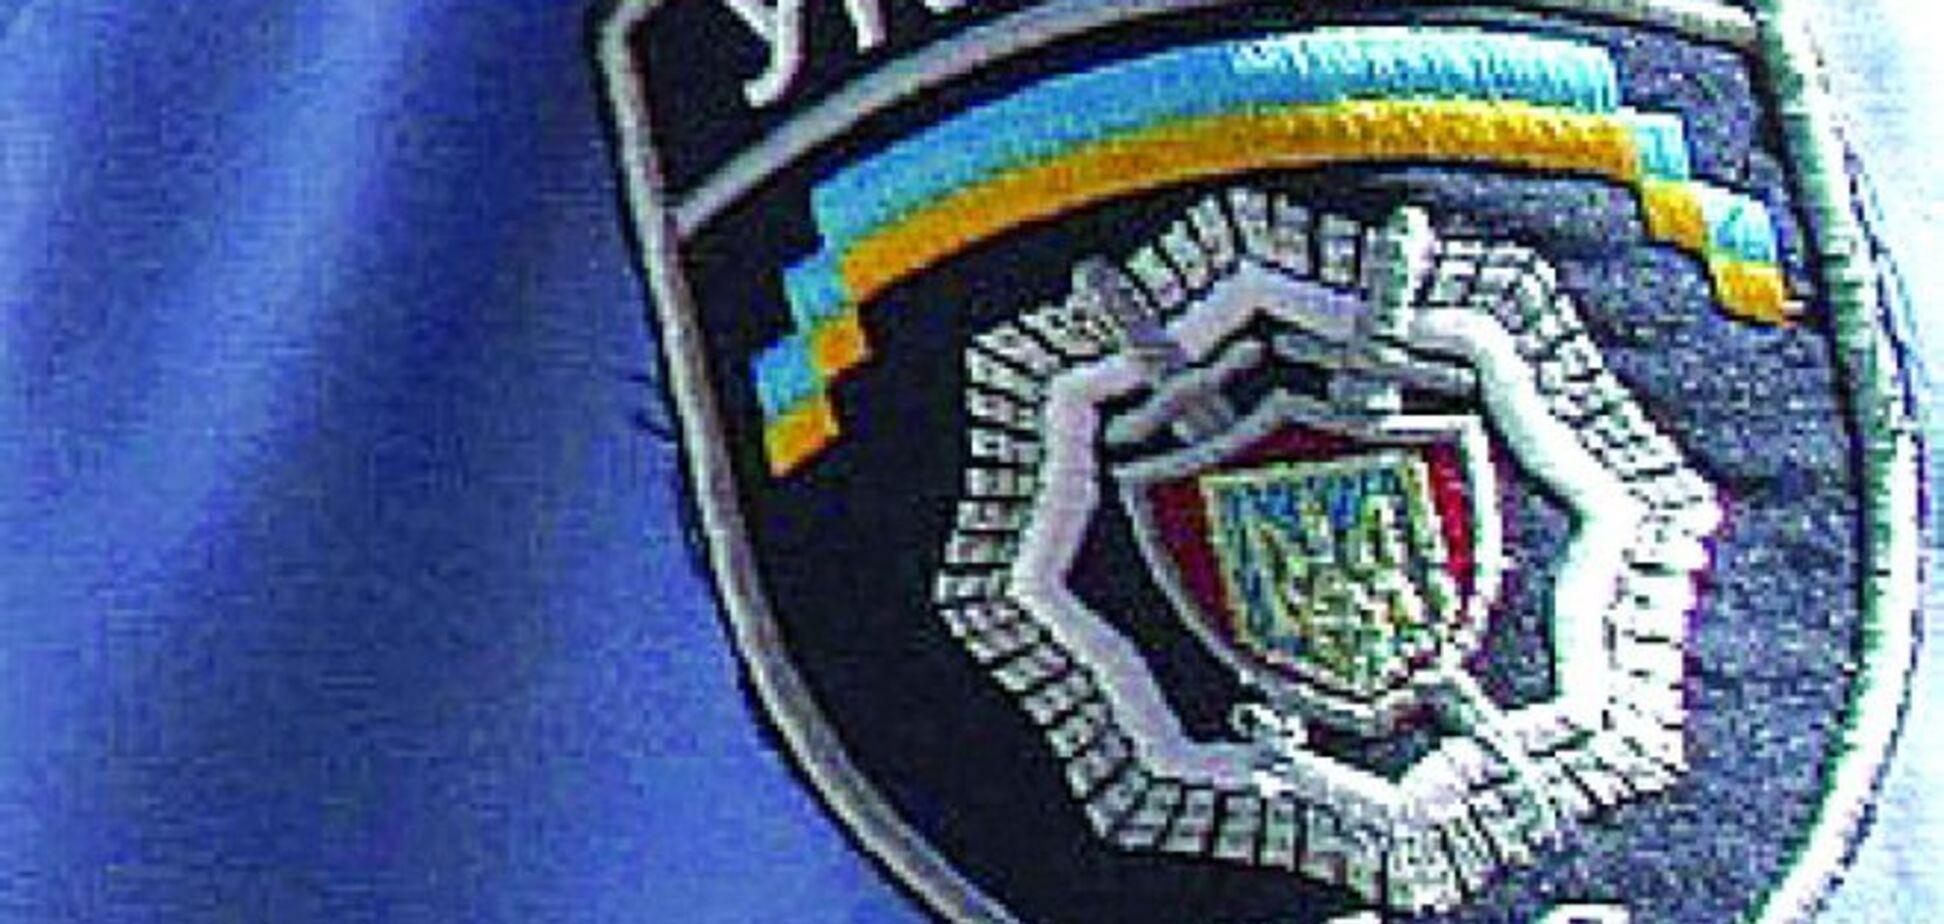 Милиция поймала горловского диверсанта, продававшего информацию о вылетах авиации